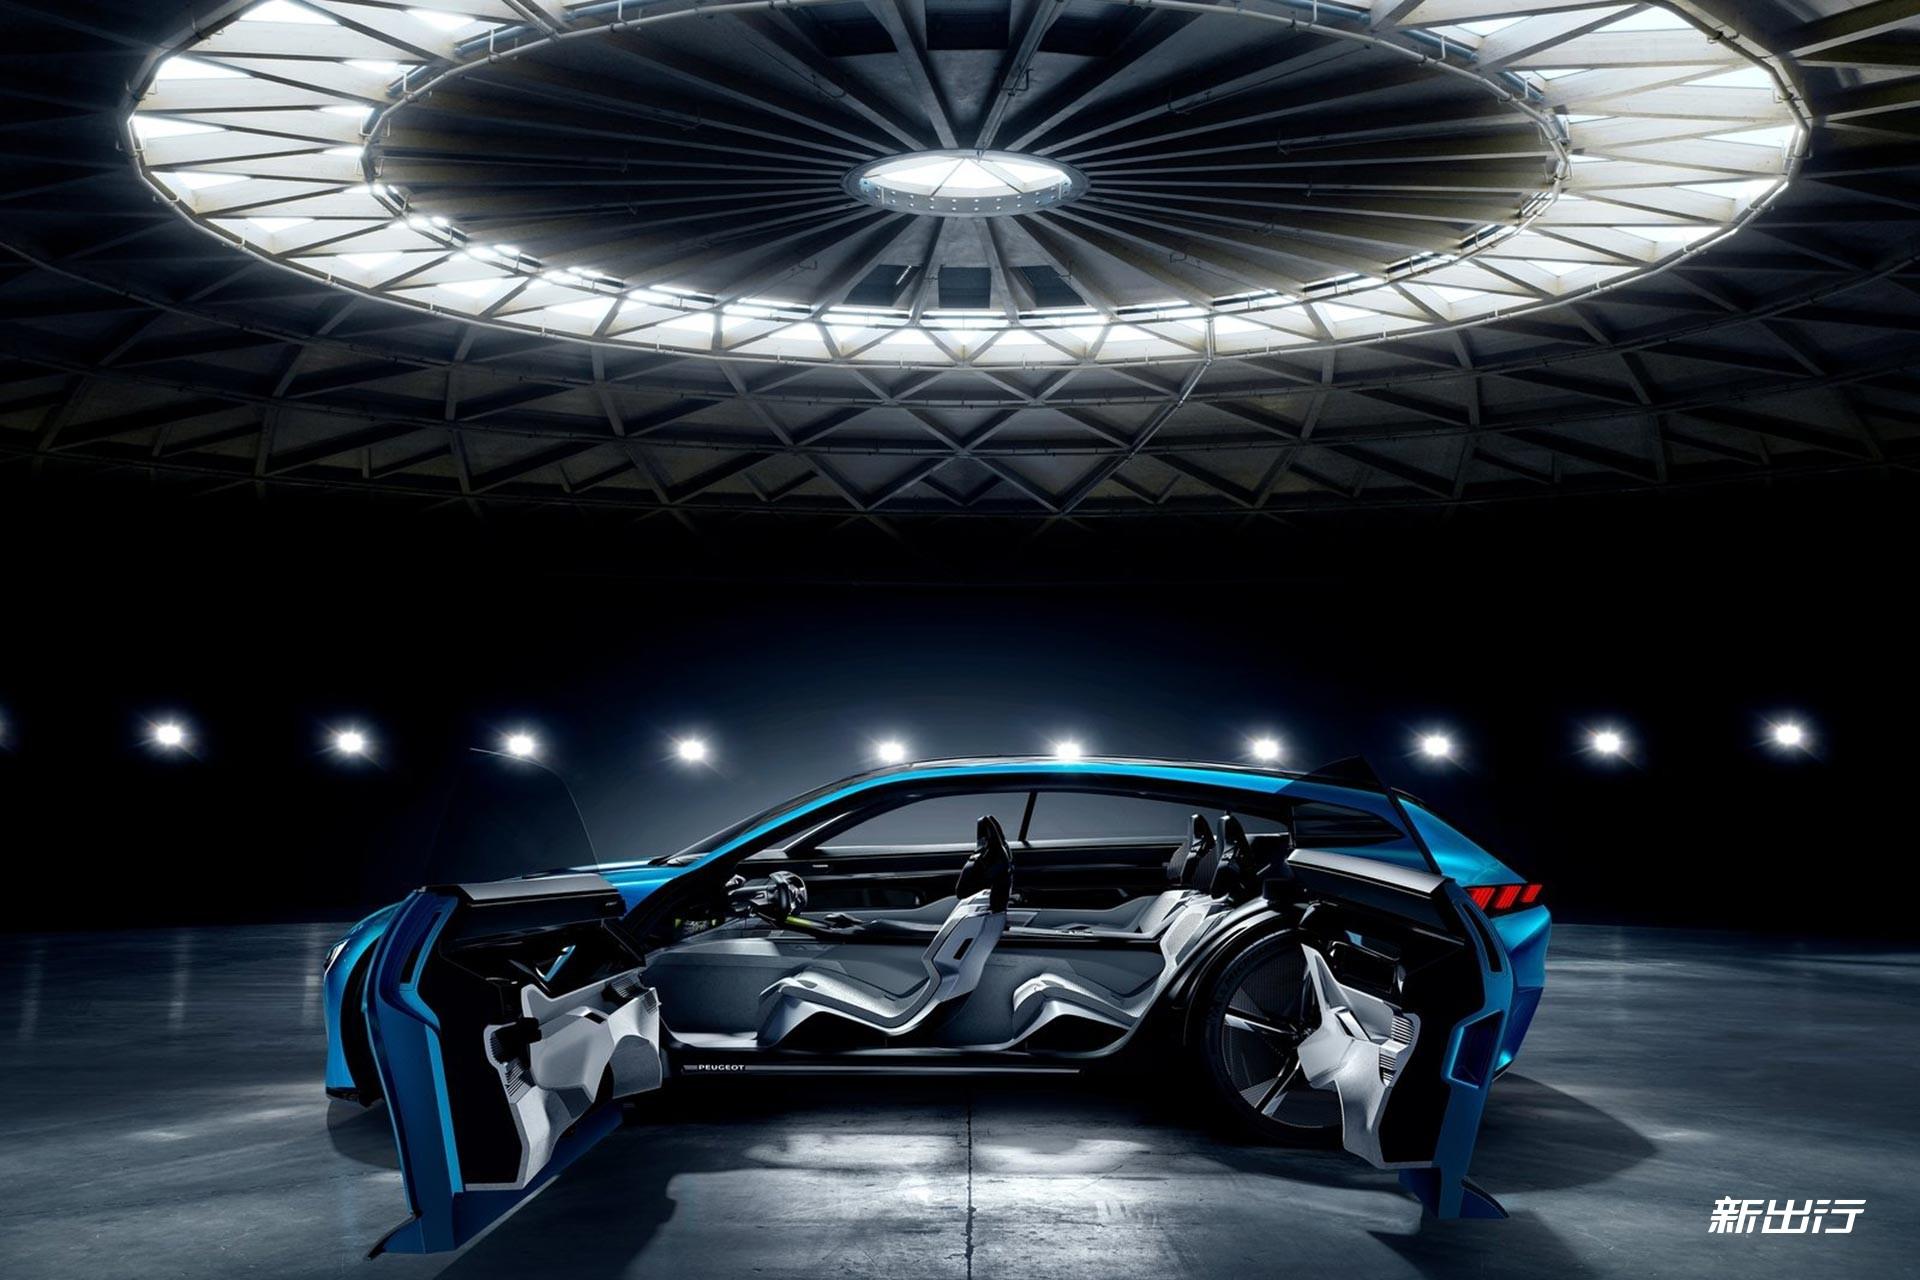 Peugeot-Instinct_Concept-2017-1600-09.jpg